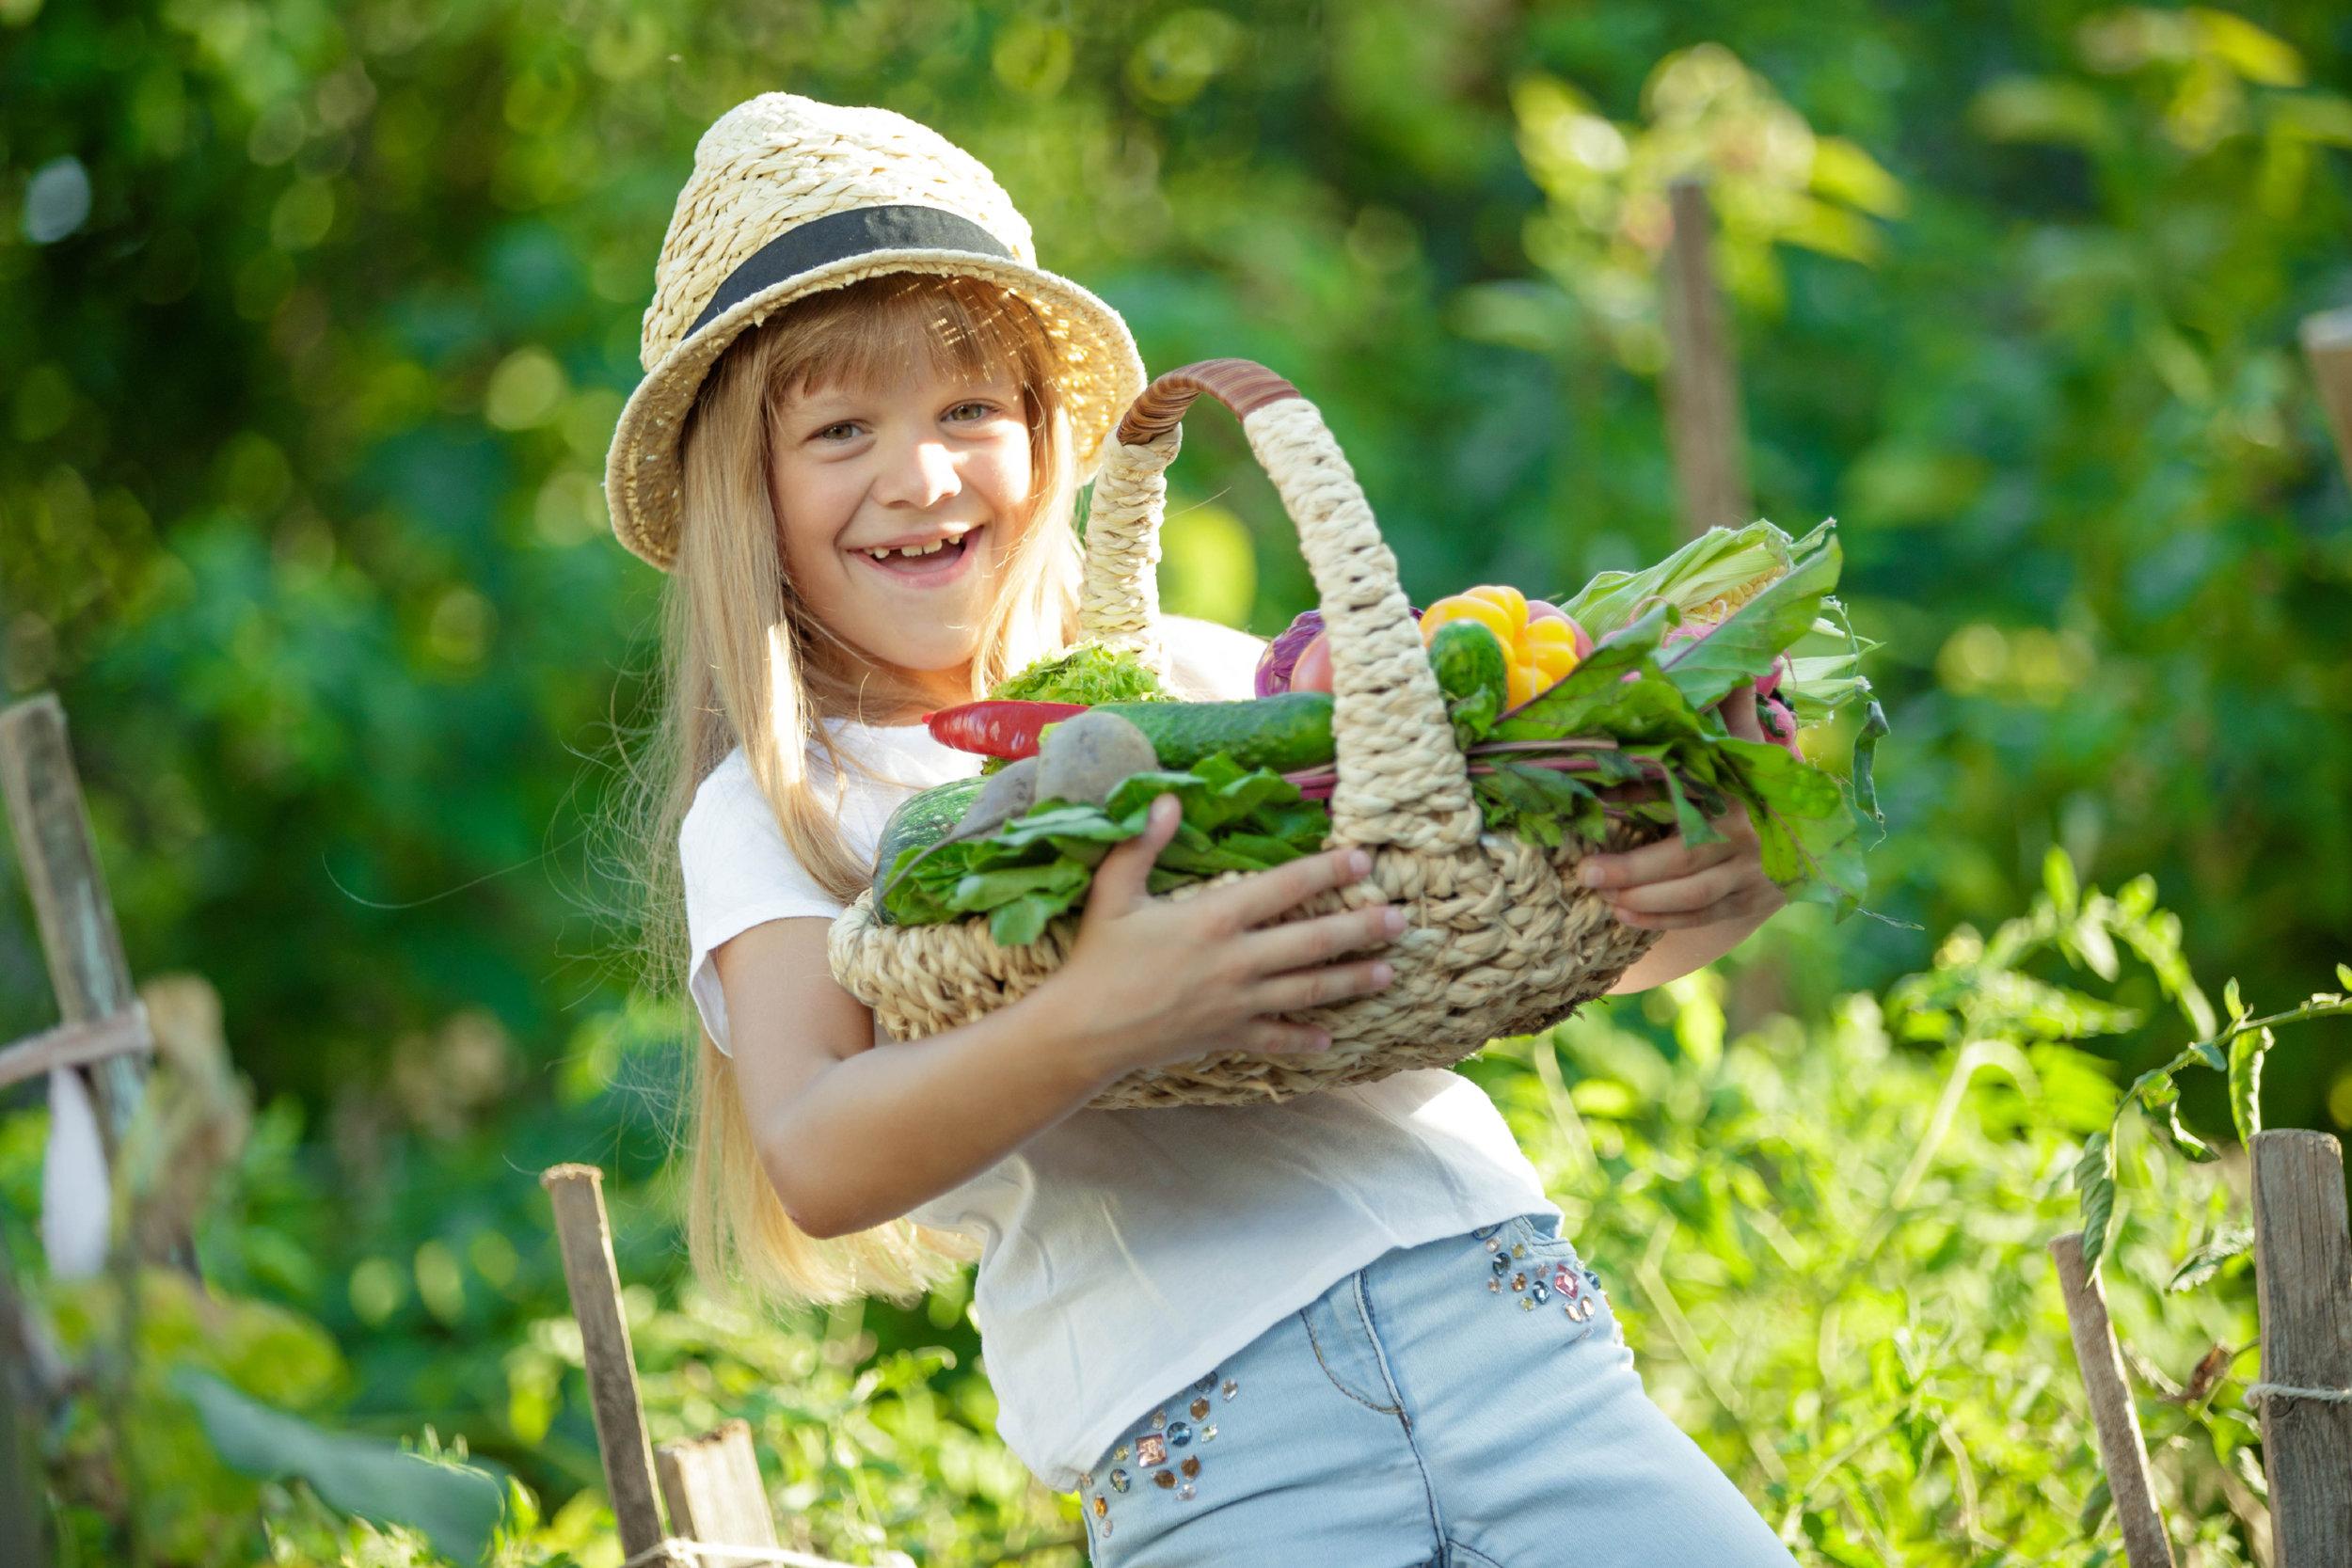 girl basket vegetables.jpg